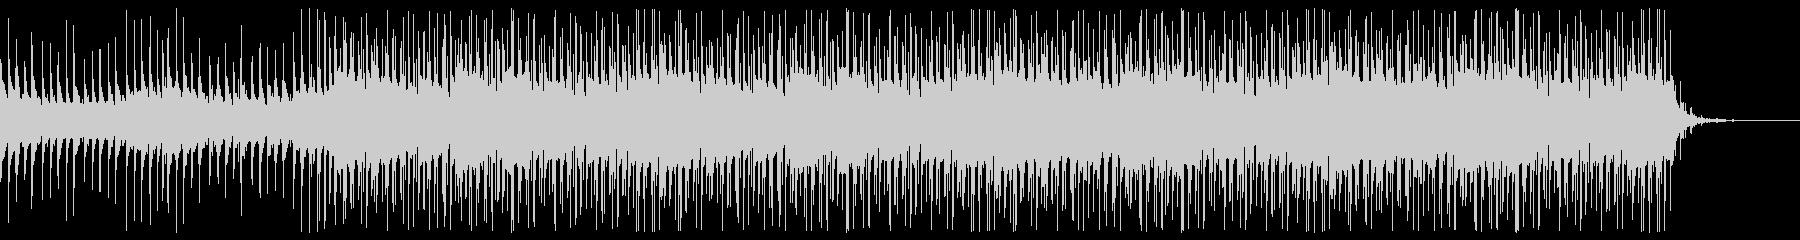 トロピカルなエレクトロビートの未再生の波形